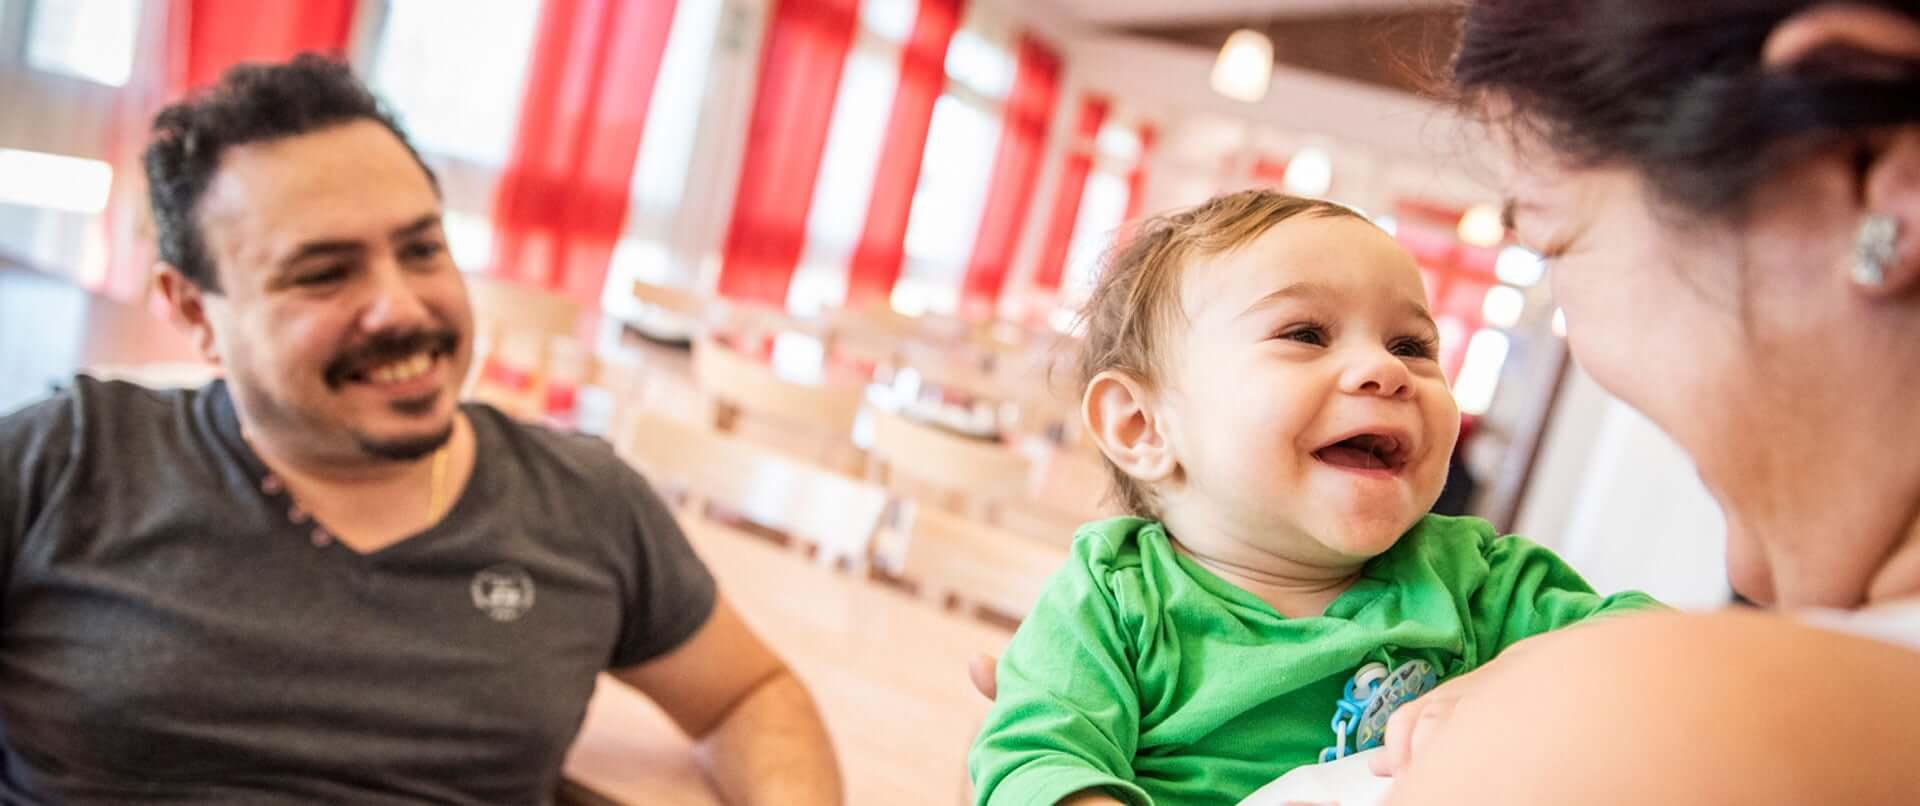 Bambino sorridente tra le braccia della mamma